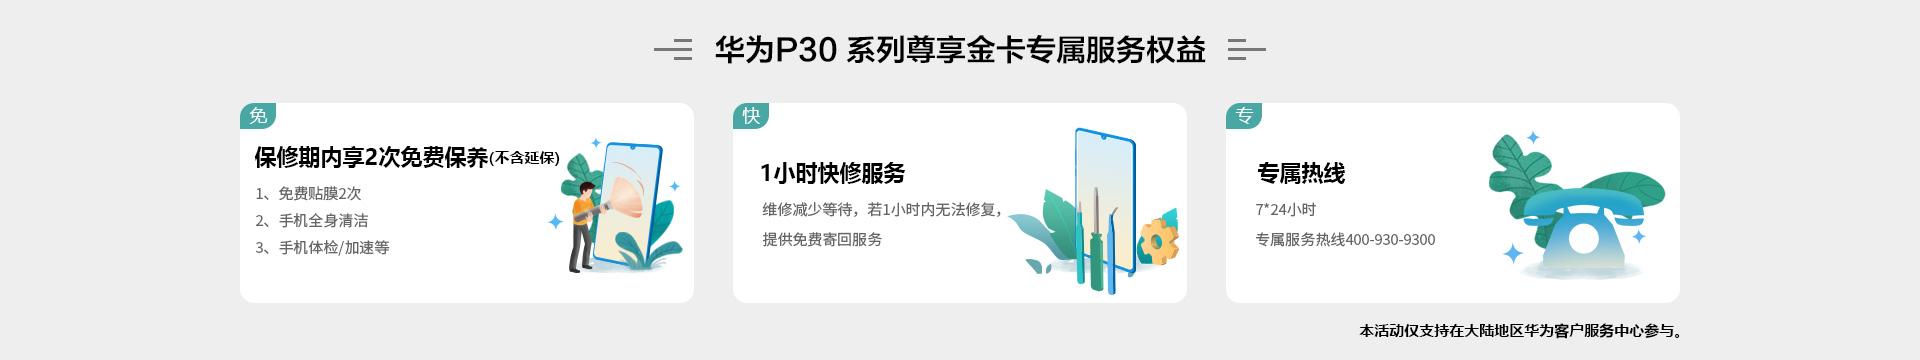 P30购机福利_pc.jpg